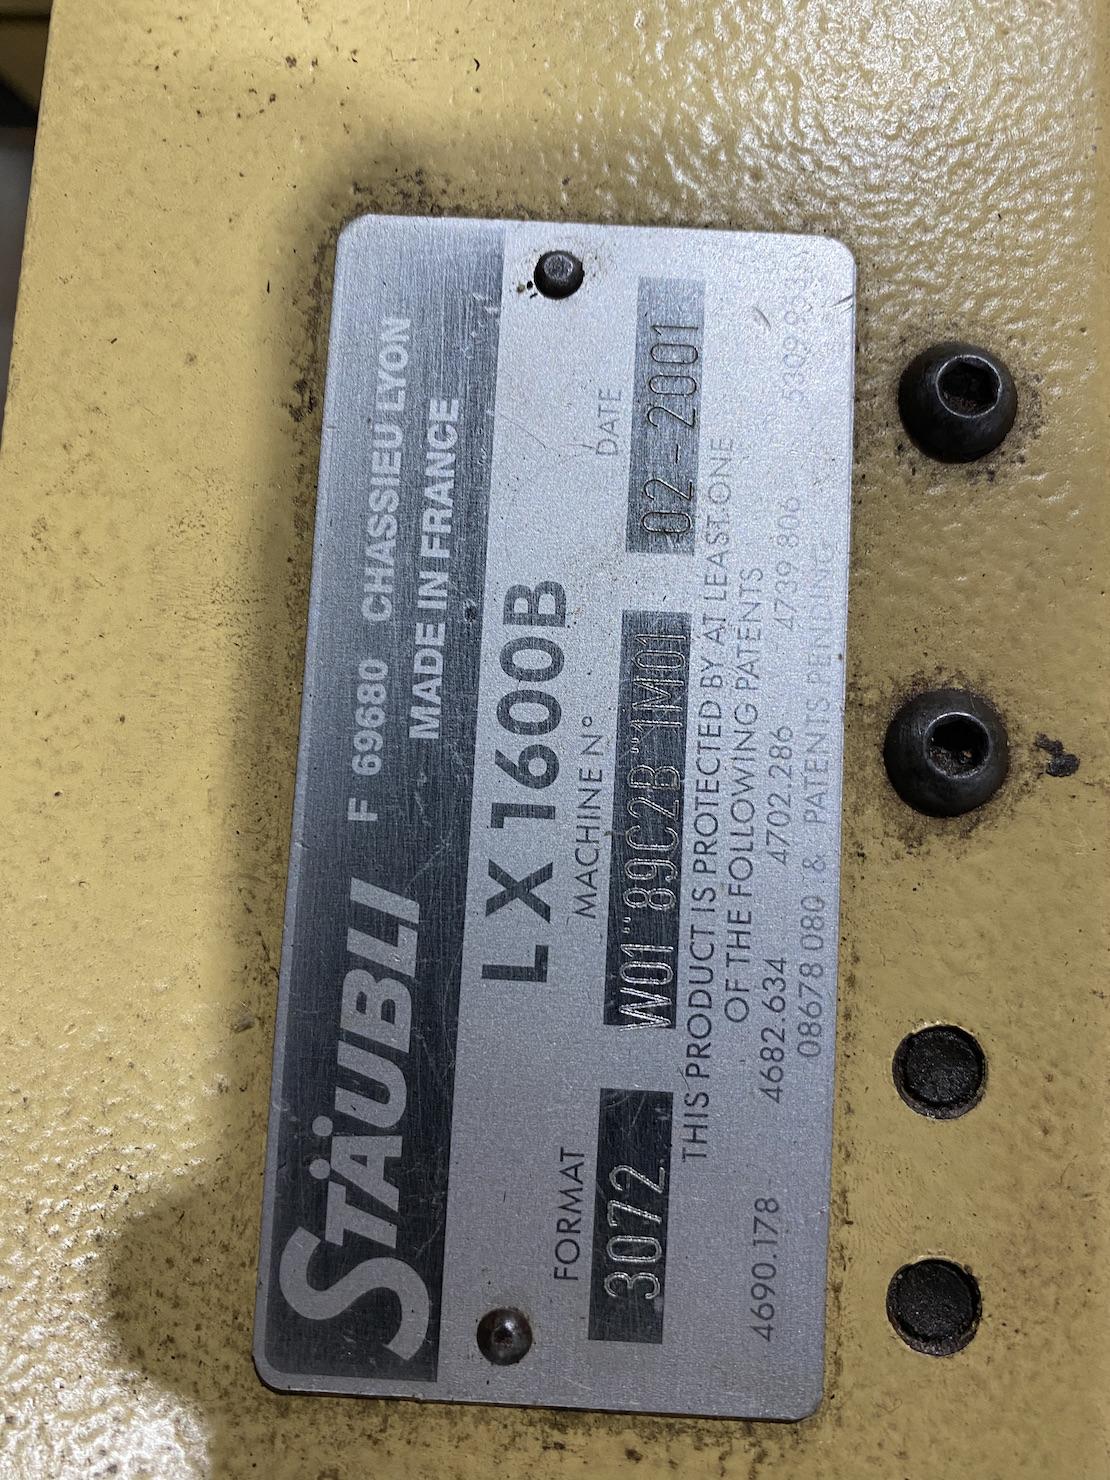 Staubli LX1600b 3072 Jacquard Head